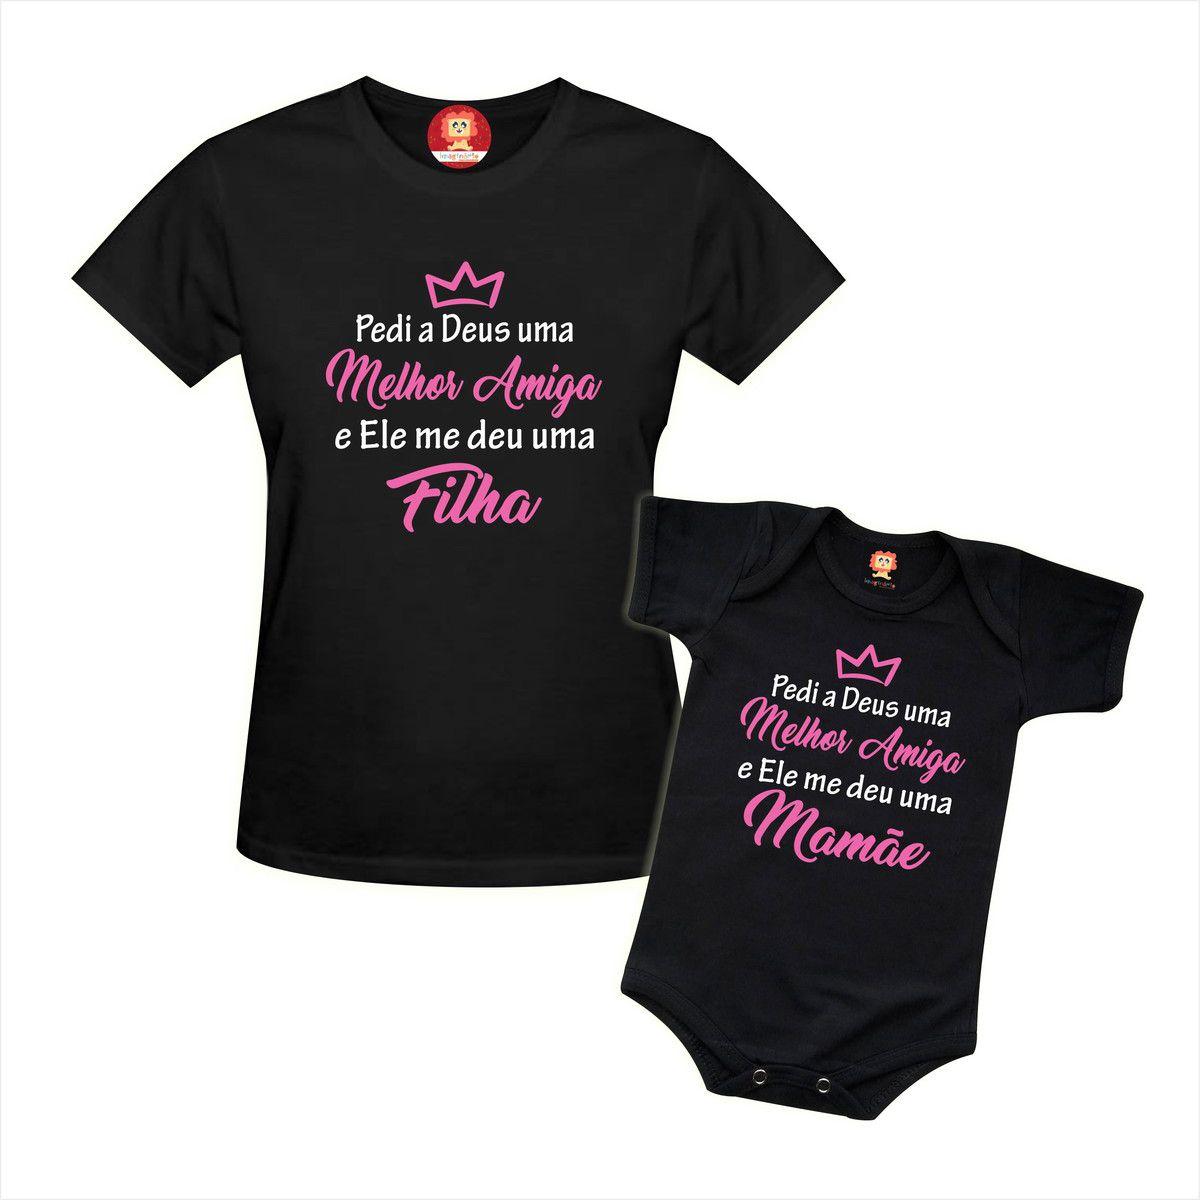 Kit Camiseta e Body de Bebê - Pedi a Deus uma Melhor Amiga e Ele Me Deu uma Filha / Mamãe